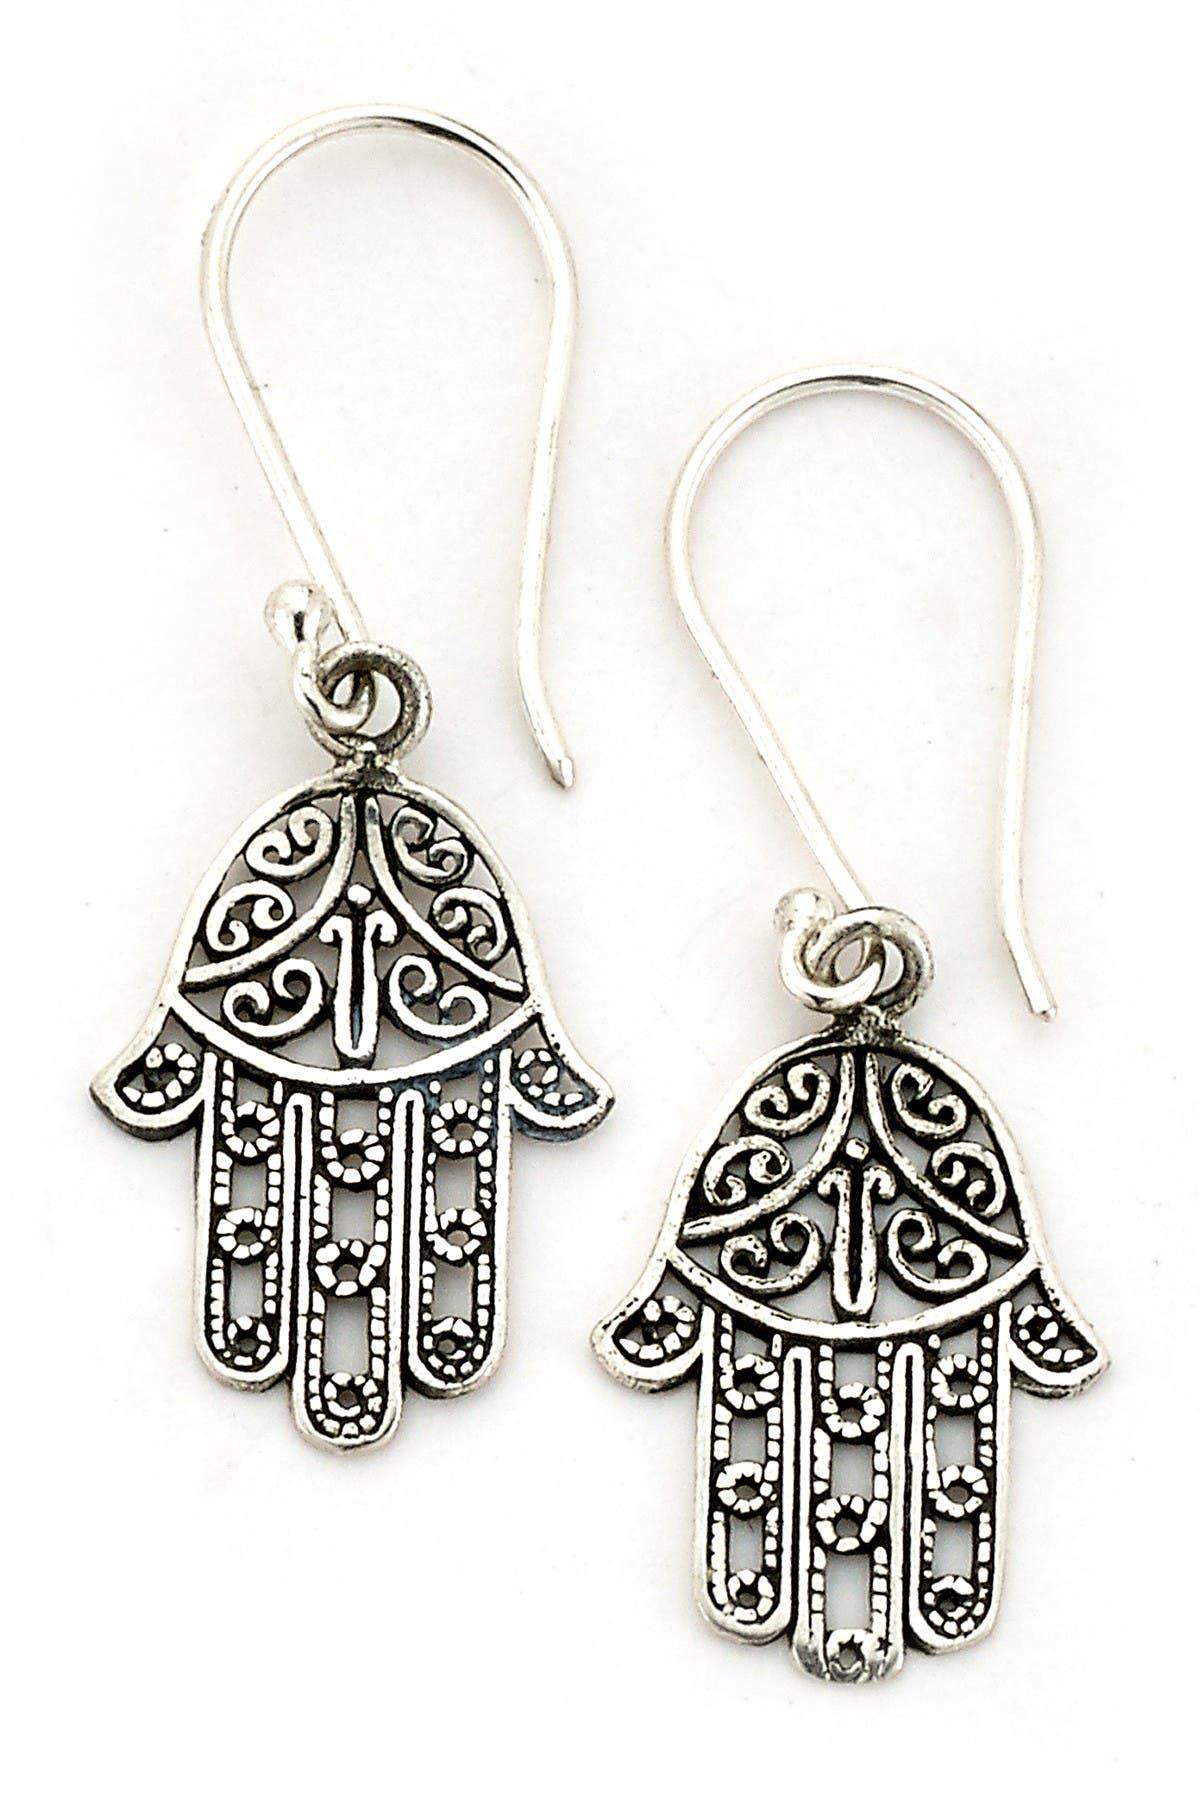 Image of Samuel B Jewelry Sterling Silver Filigree Hamsa Drop Earrings